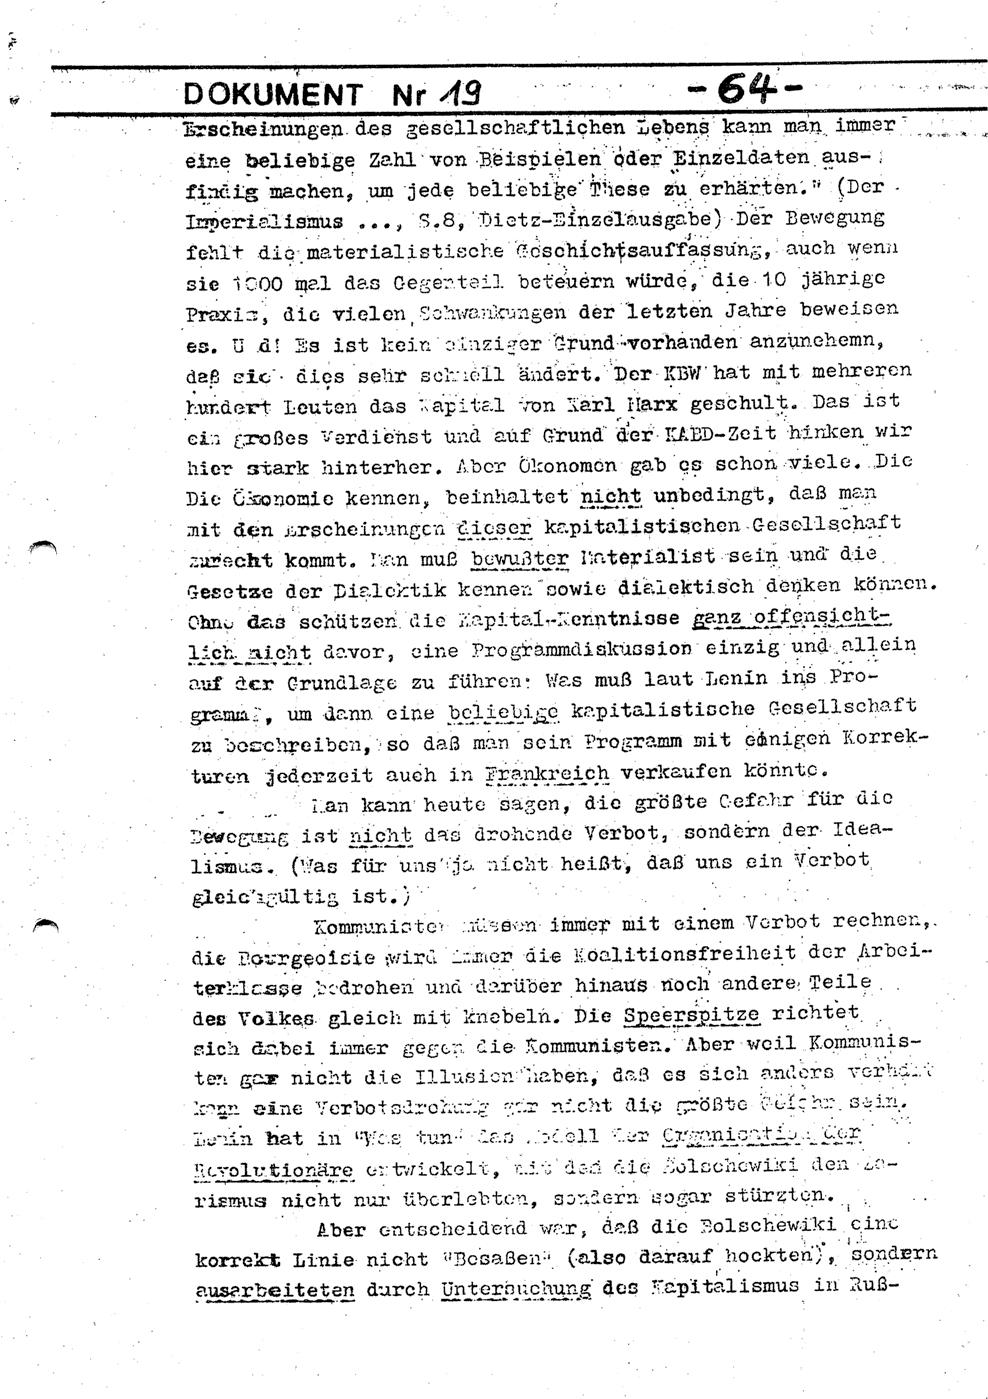 KABRW_Arbeitshefte_1977_24_064